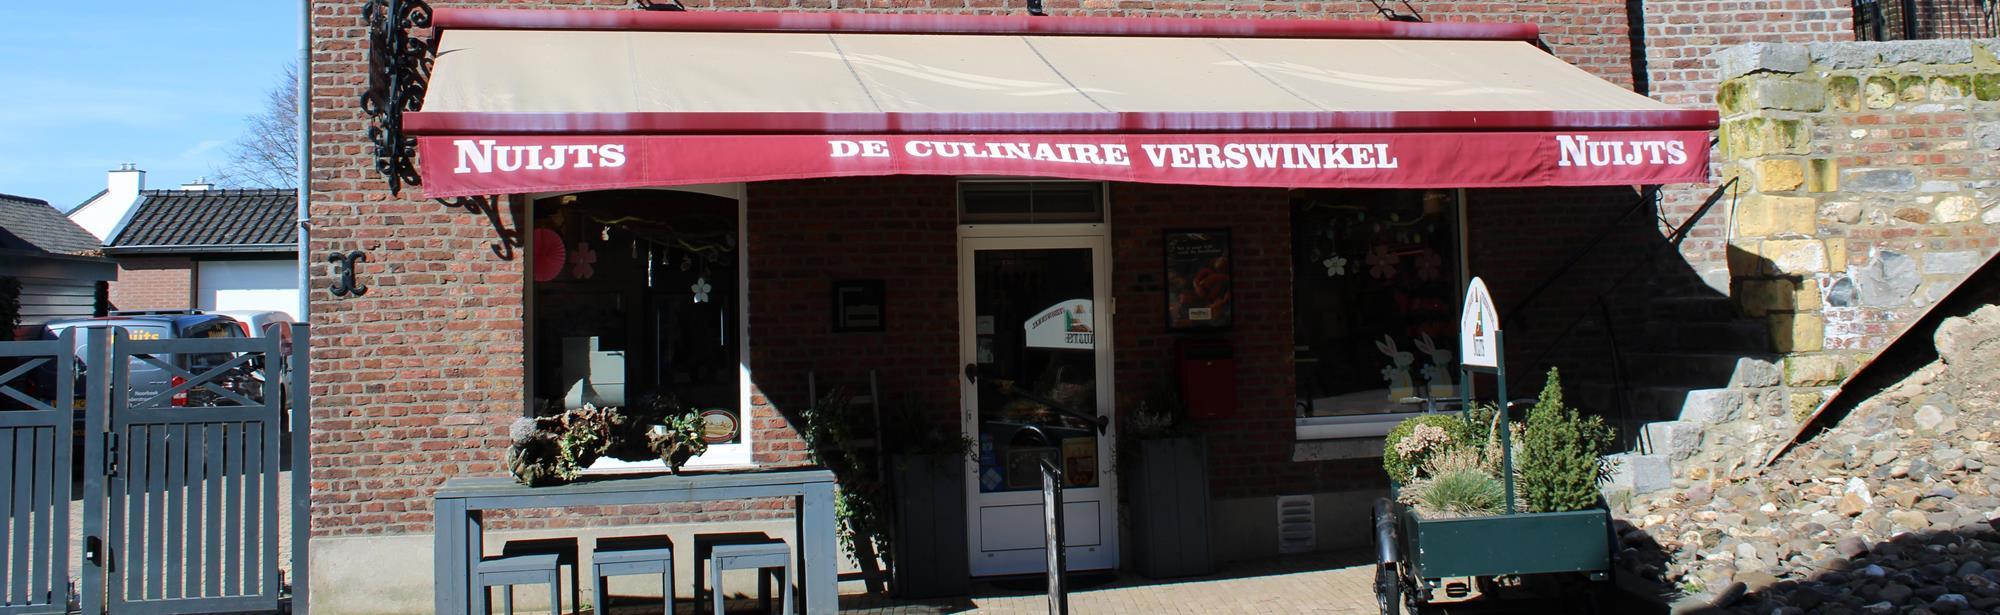 Slagerij-Traiteur Nuijts, de culinaire verswinkel